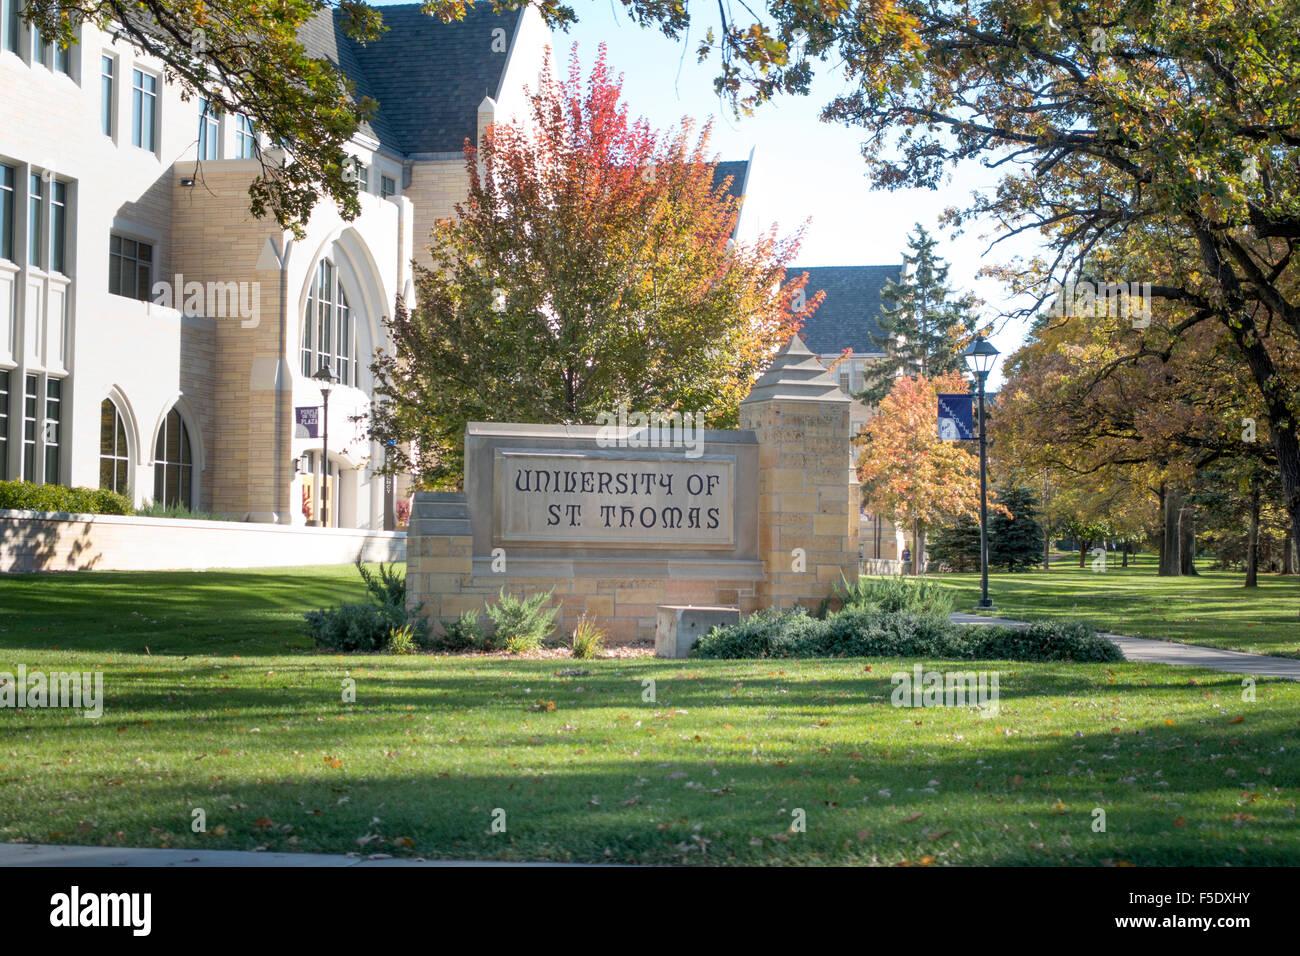 University Of St Thomas Campus Tour